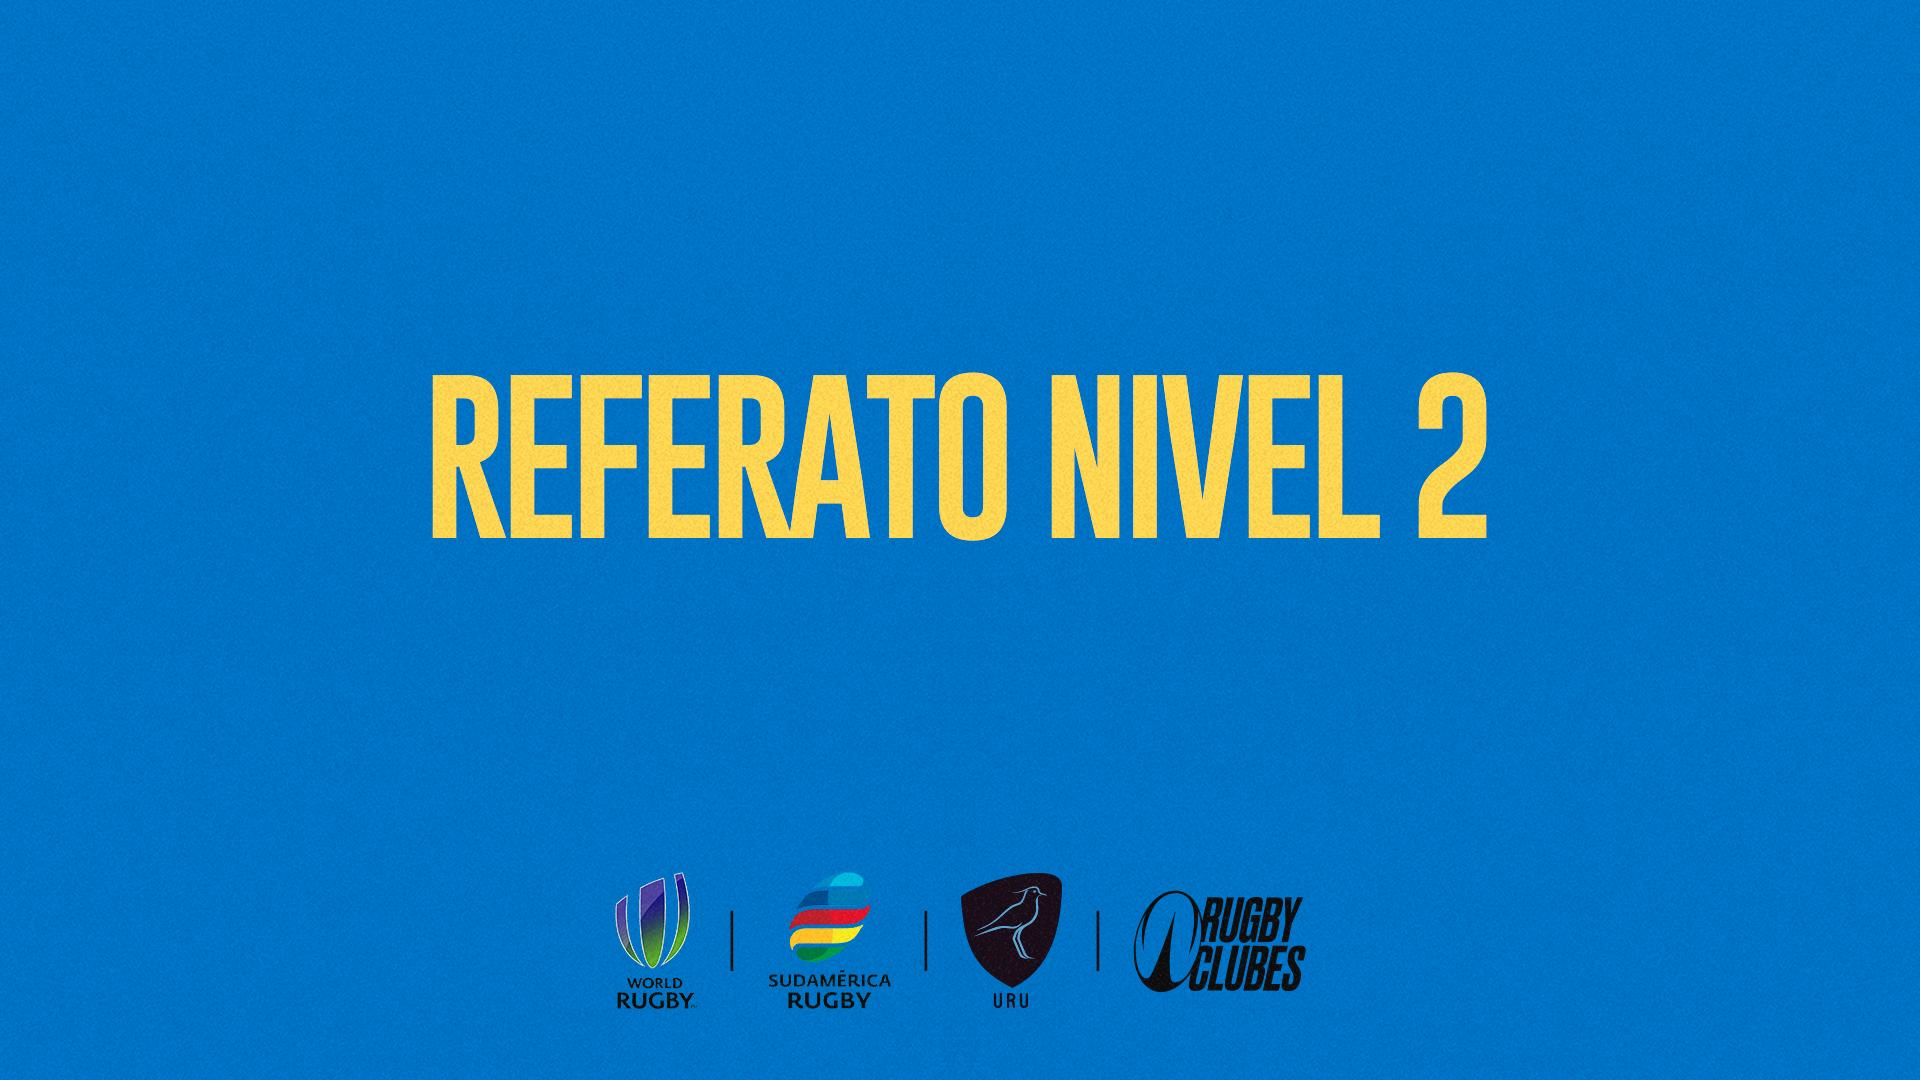 Referato Nivel 2